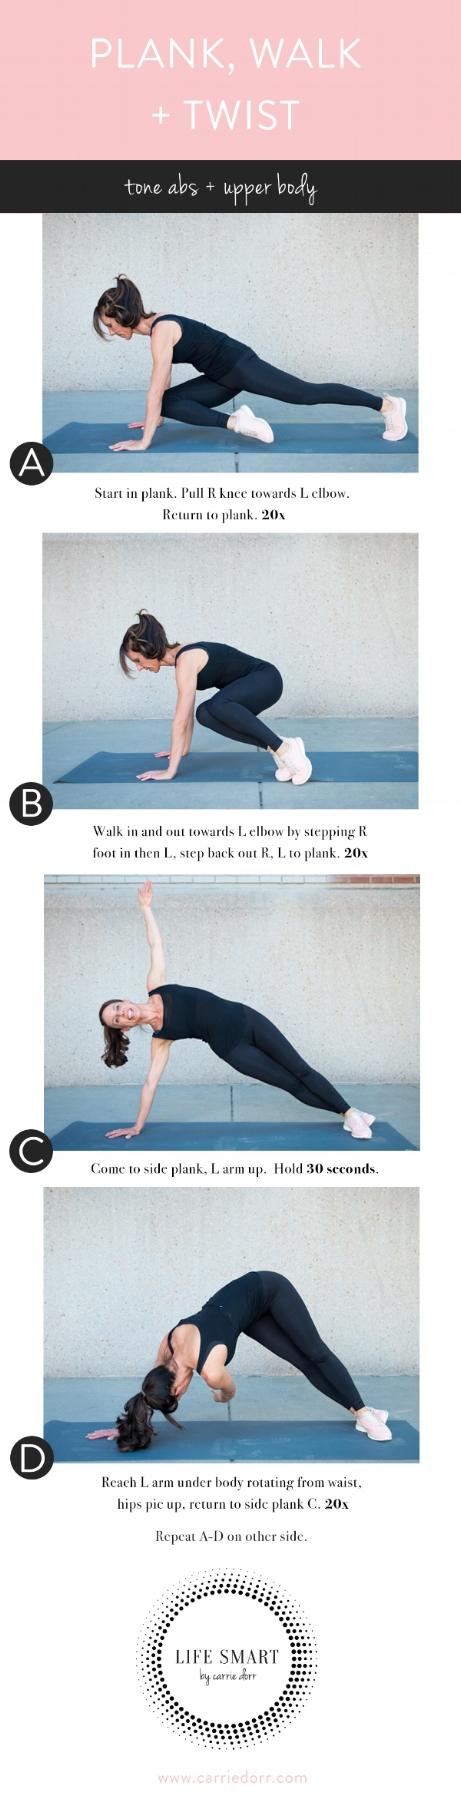 Plank, Walk + Twist — LIFE SMART by Carrie Dorr